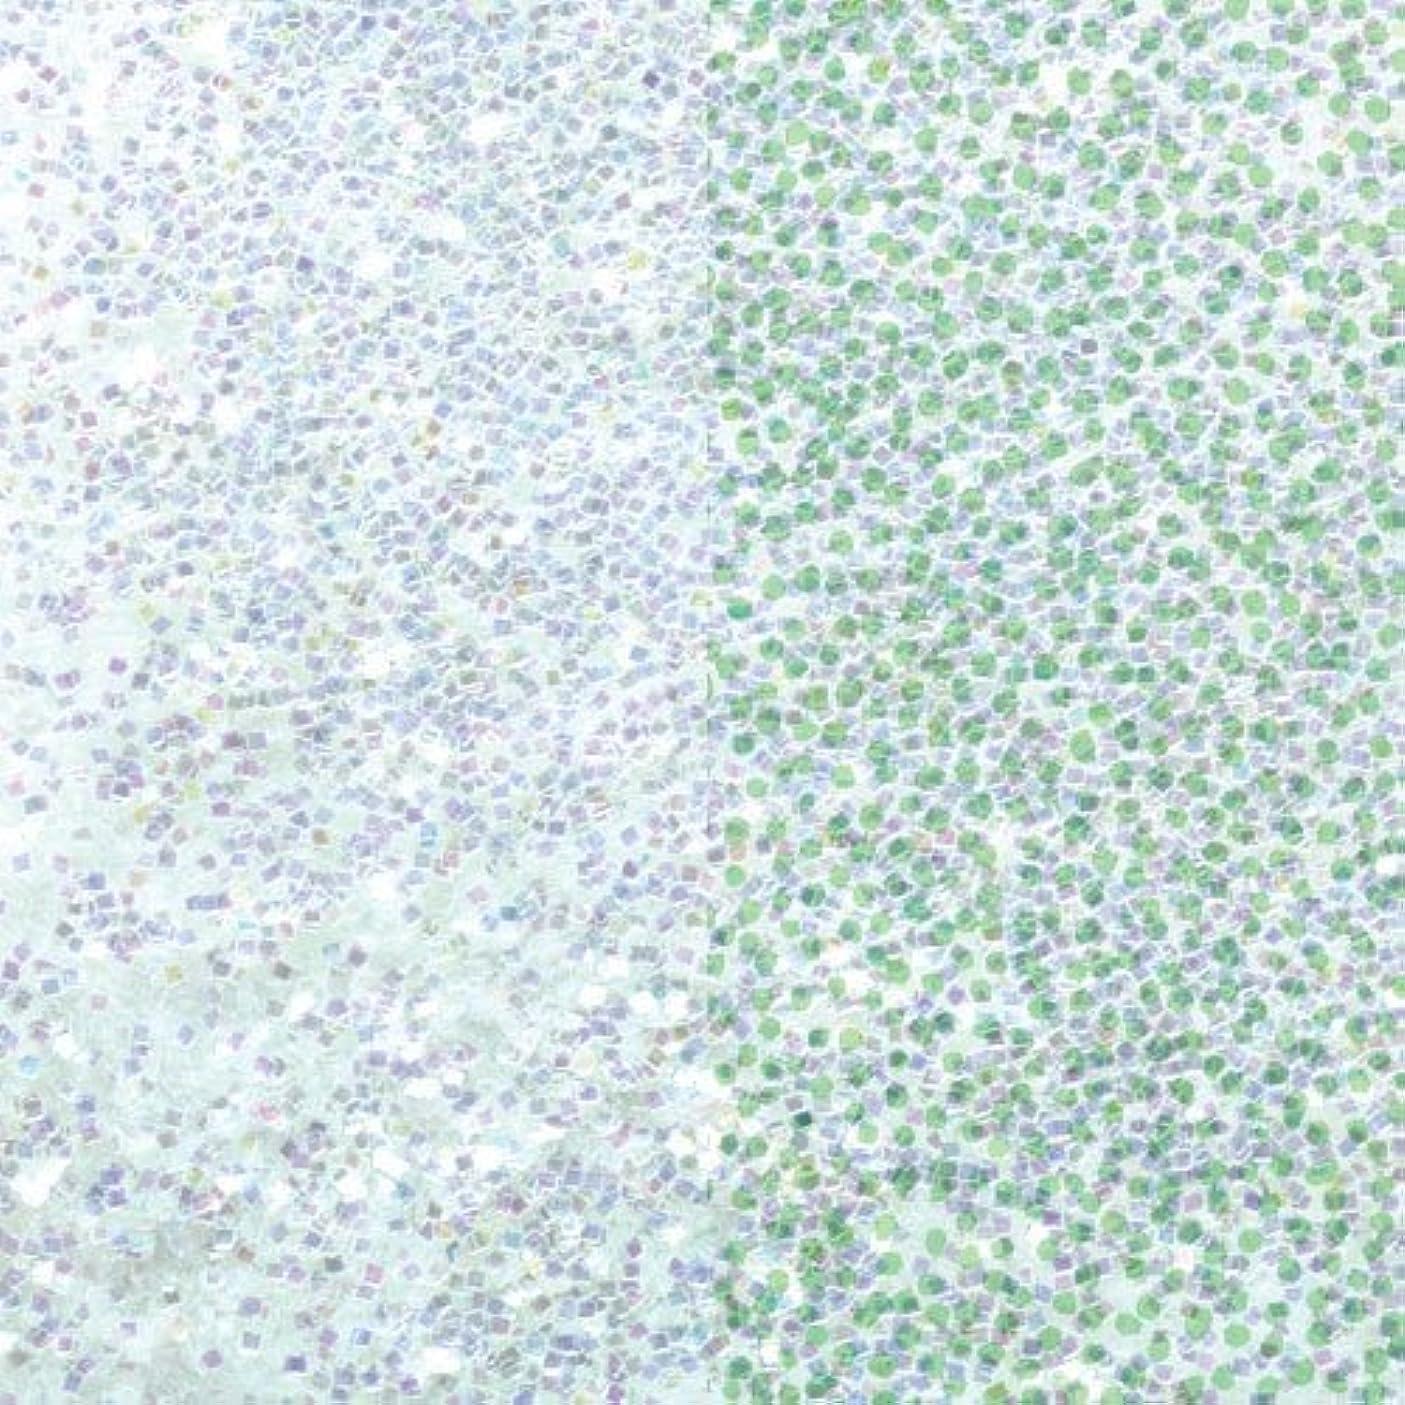 オーディションファンタジーカブピカエース ネイル用パウダー ラメオーロラ 耐溶剤 S #631 Wグリーン 1g